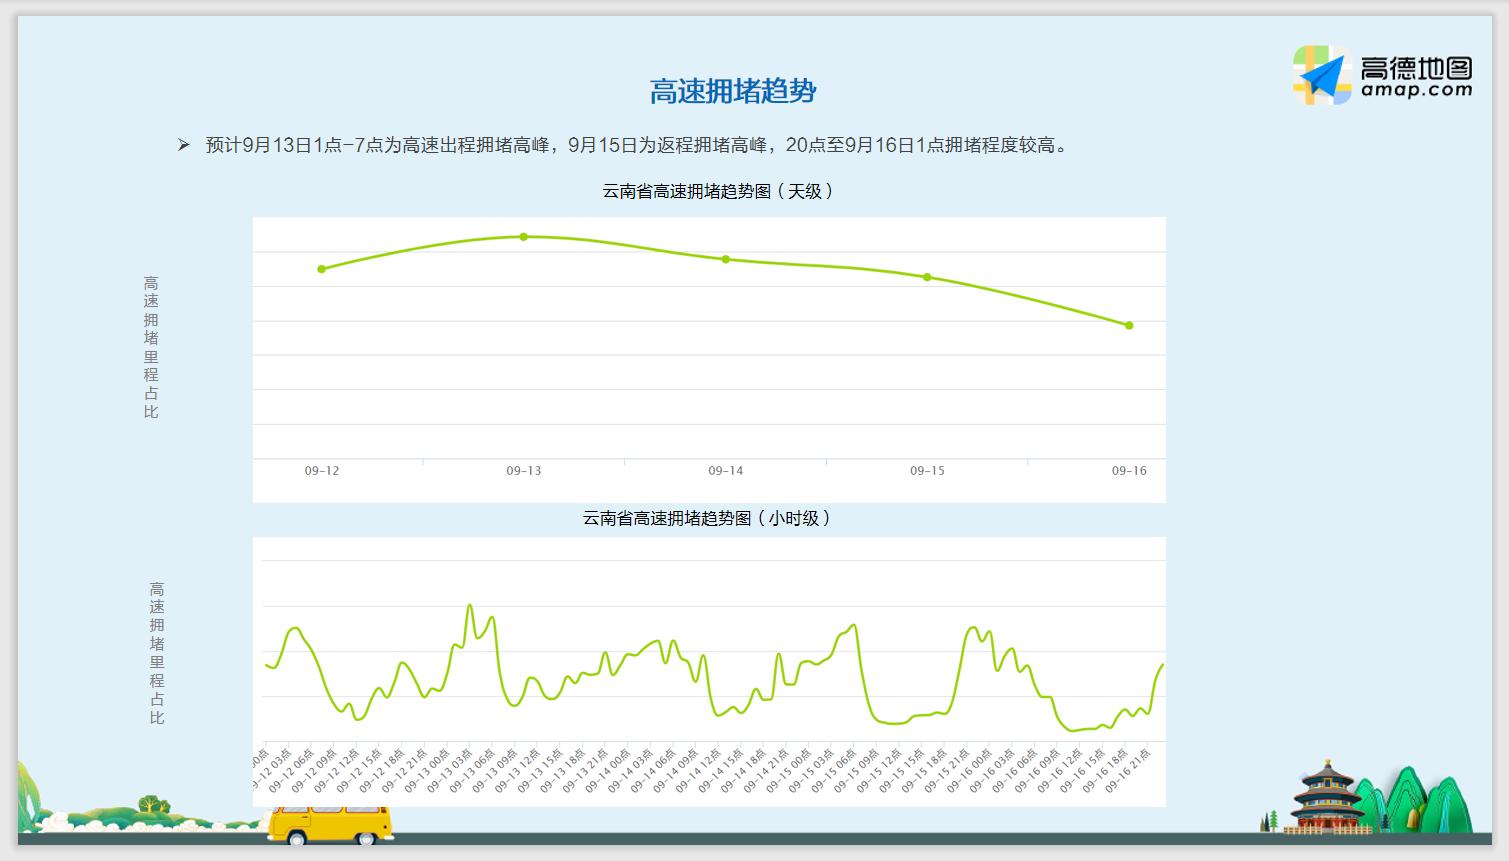 云南高速拥堵趋势图.png